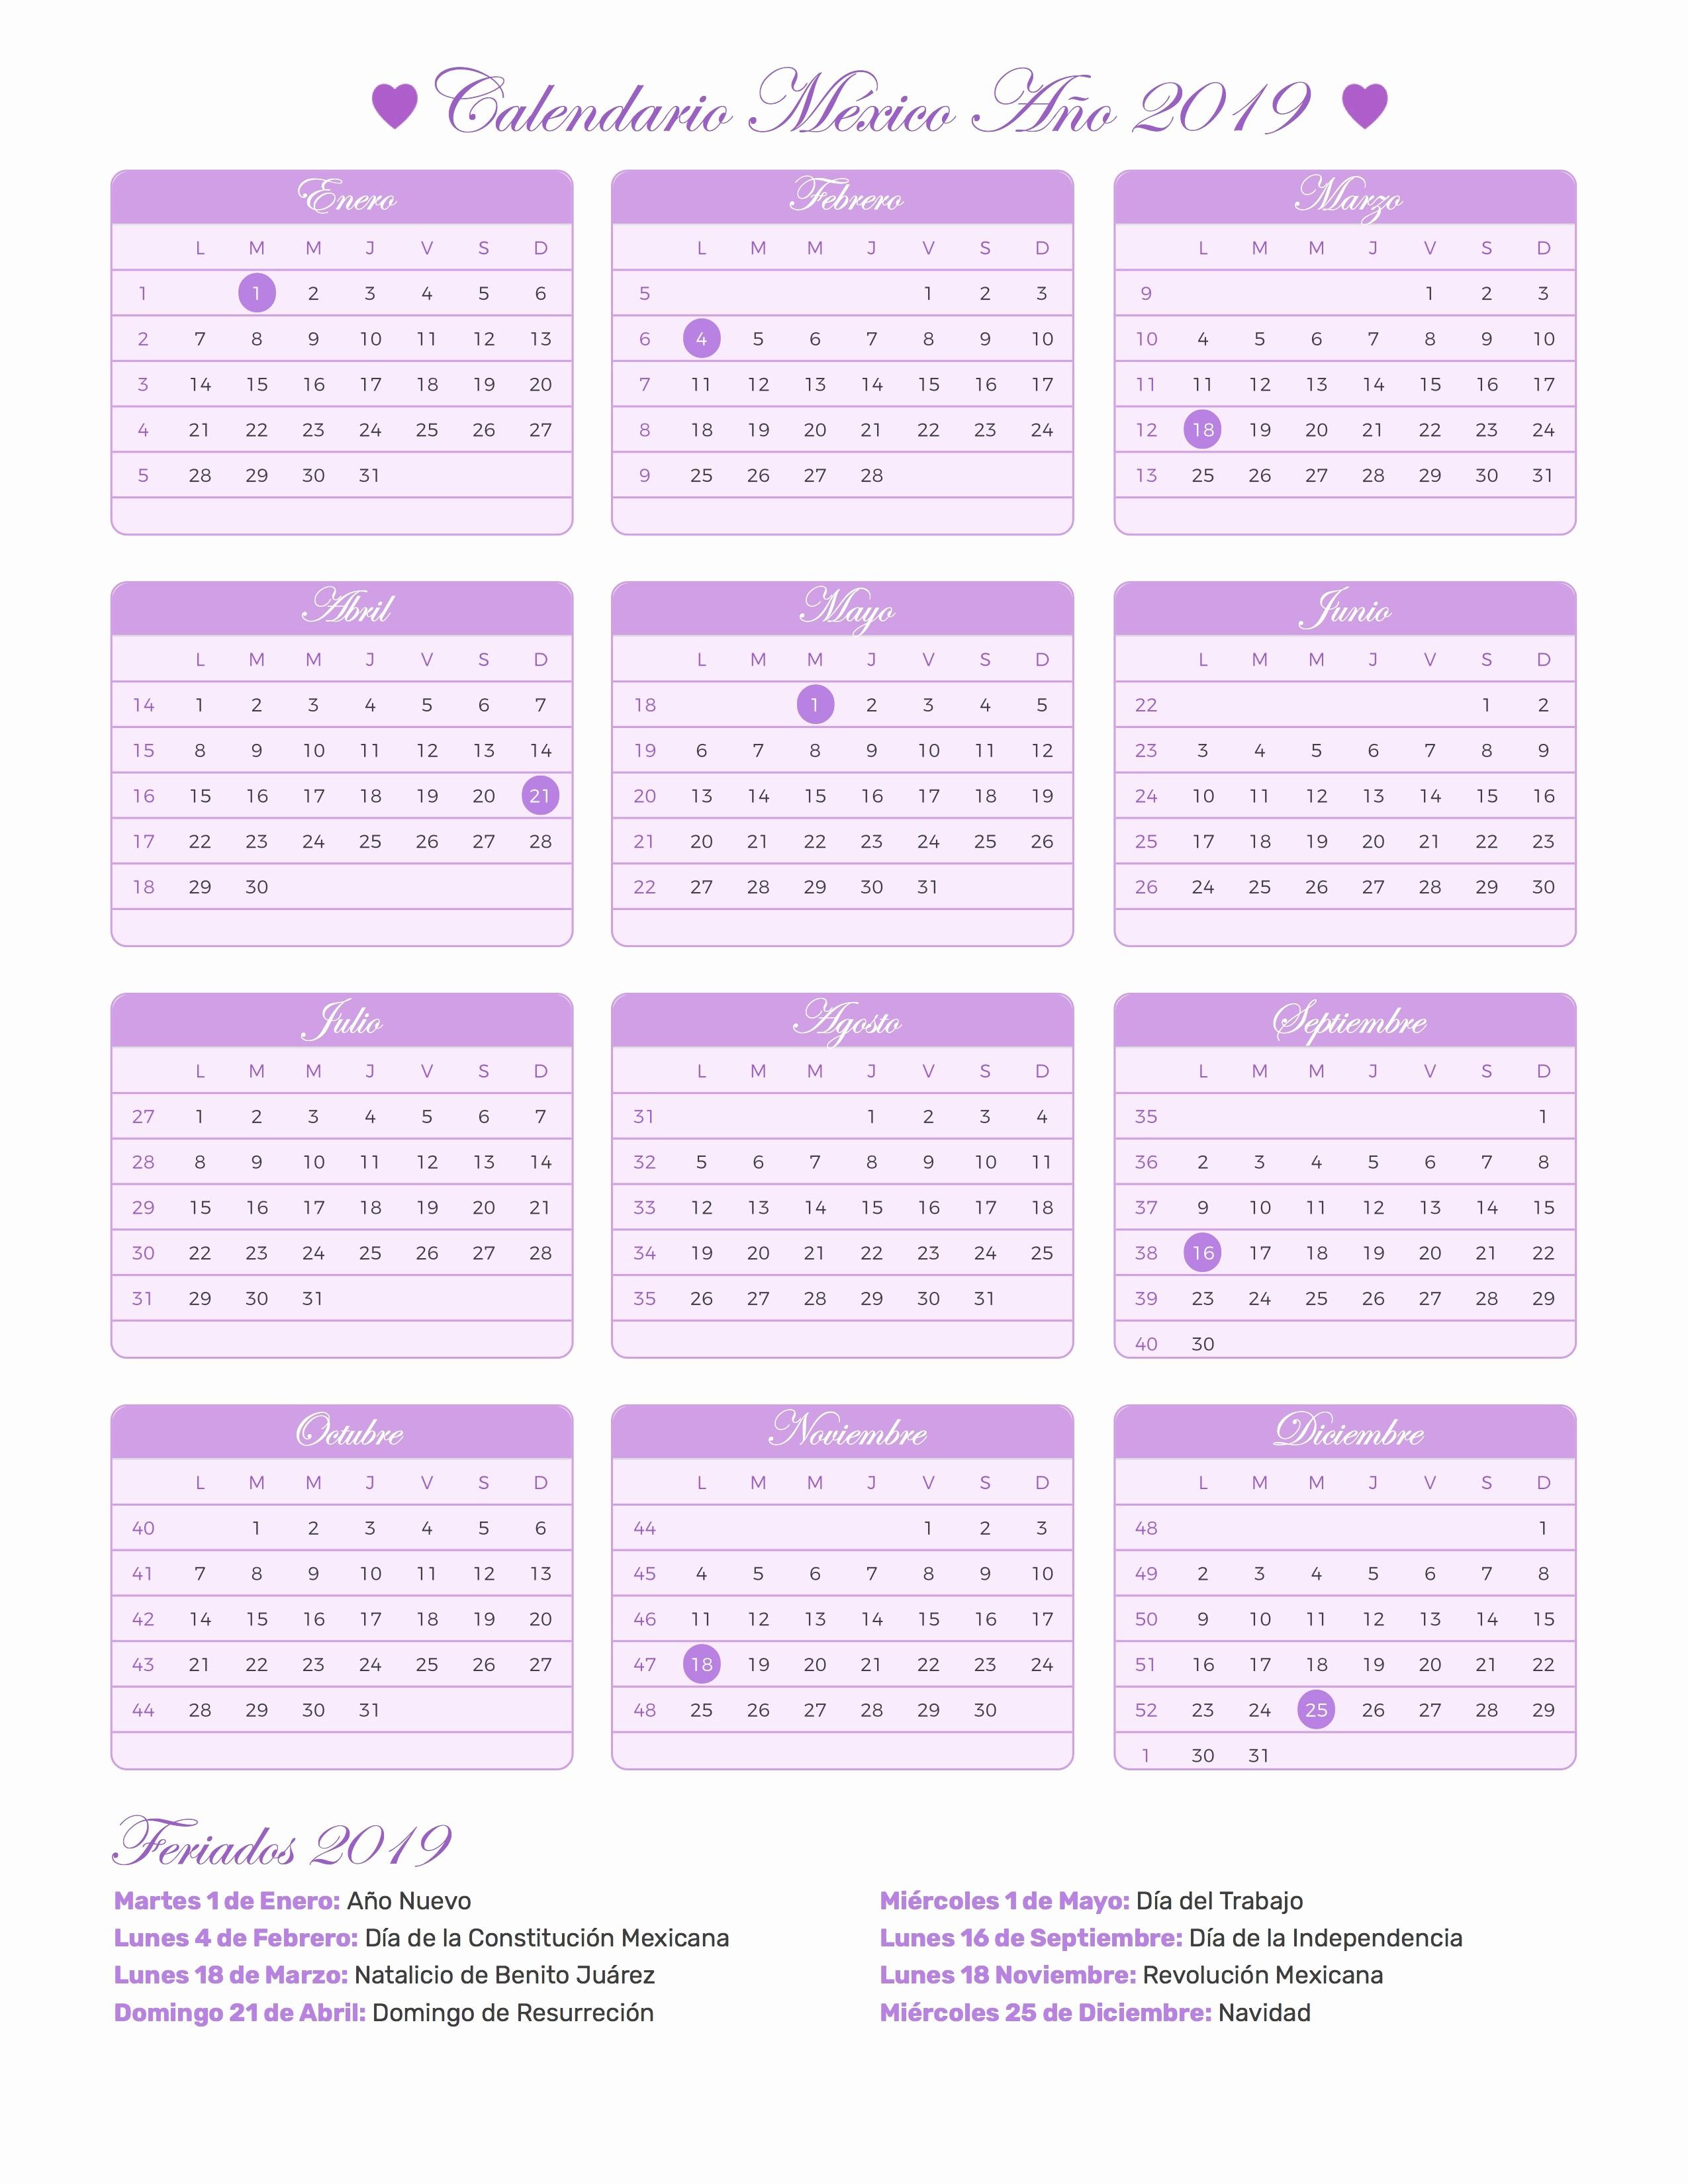 Calendario Dr 2019 Calendario Mexico Ano 2019 Feriados